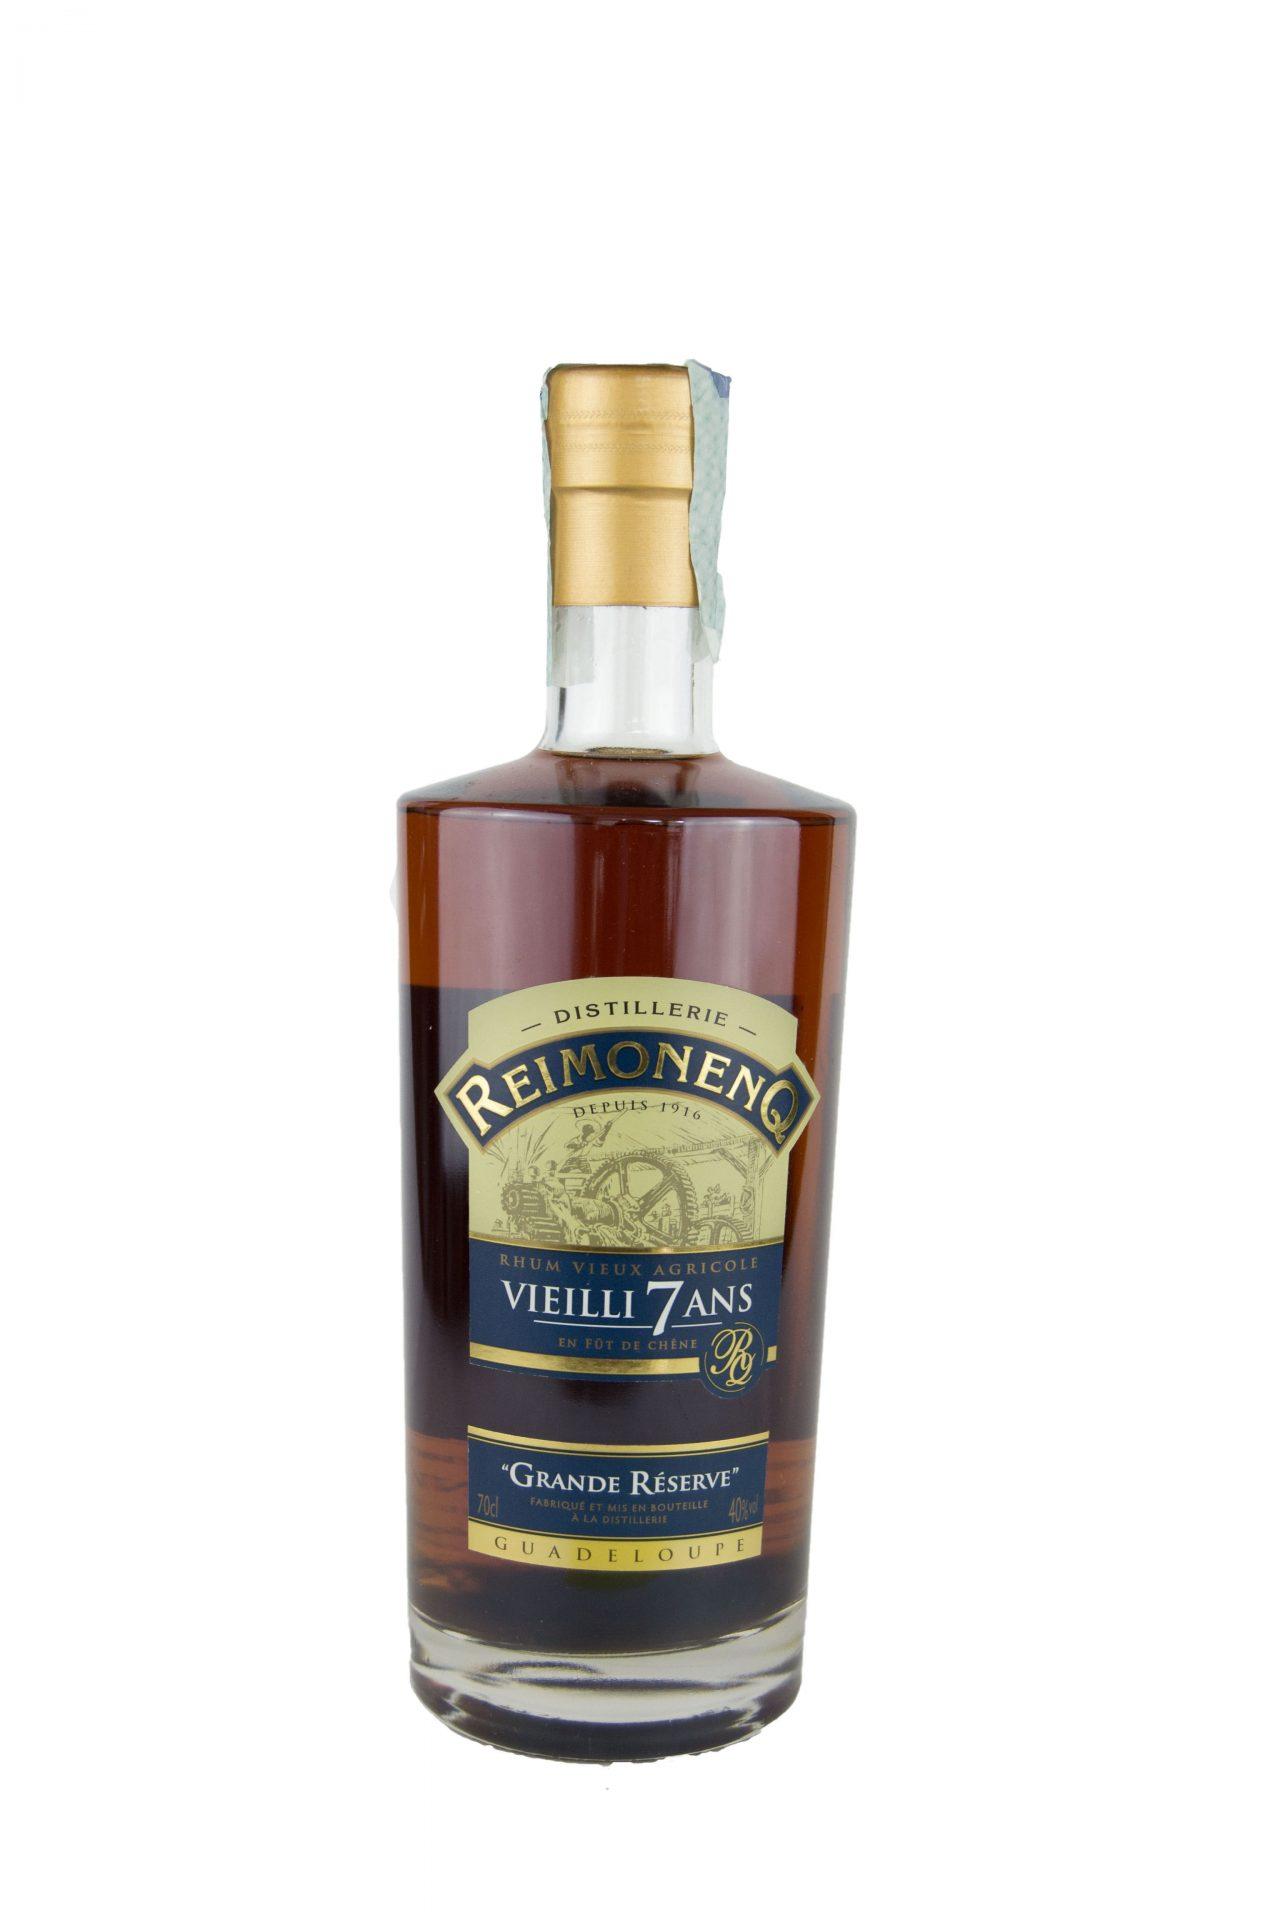 """Distillerie Reimonenq – Rhum Vieux Agricole Vielli 7Ans """"Grande Réserve"""""""